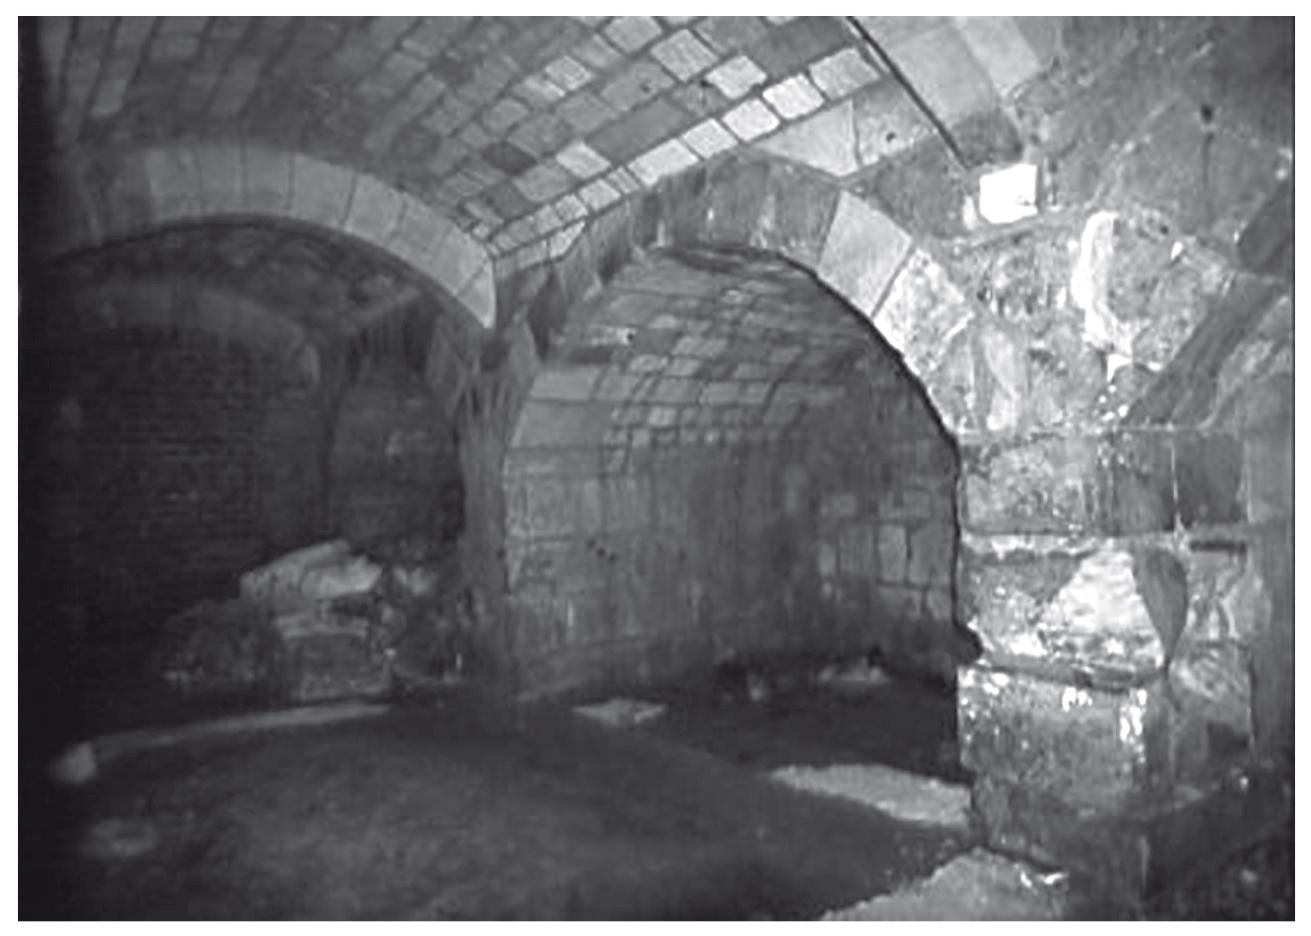 Les Caves Du Manoir des châteaux et des sources - topographie, architecture et